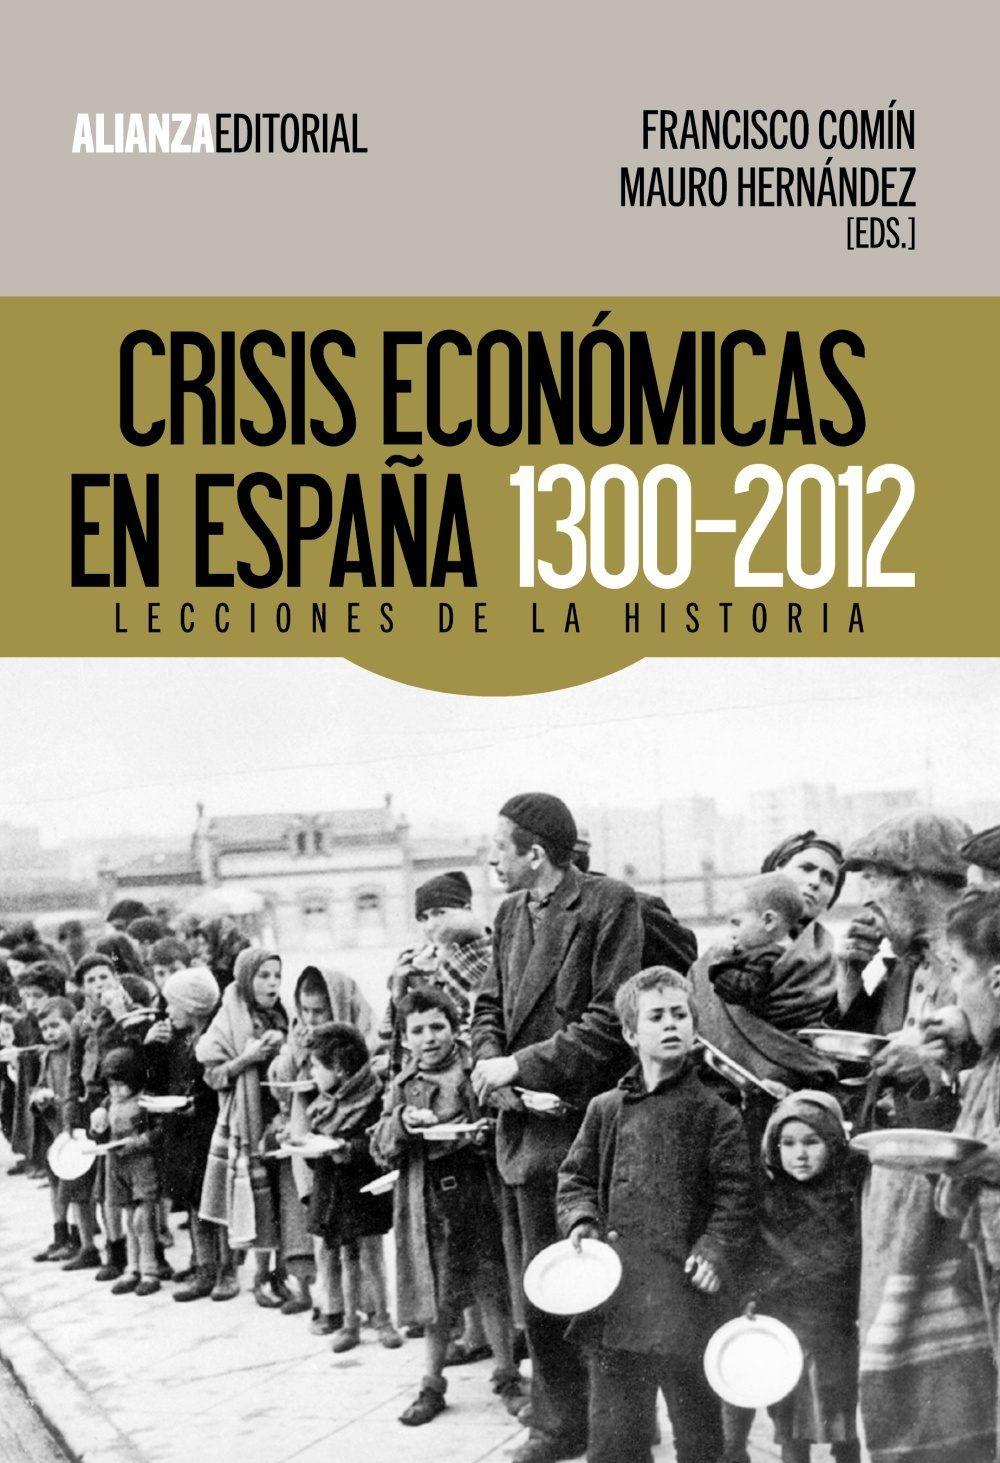 Crisis Económicas En España 1300 2012 Lecciones De La Historia Francisco Comín Mauro Hernández Eds Madrid A Historia Historia De España Libros